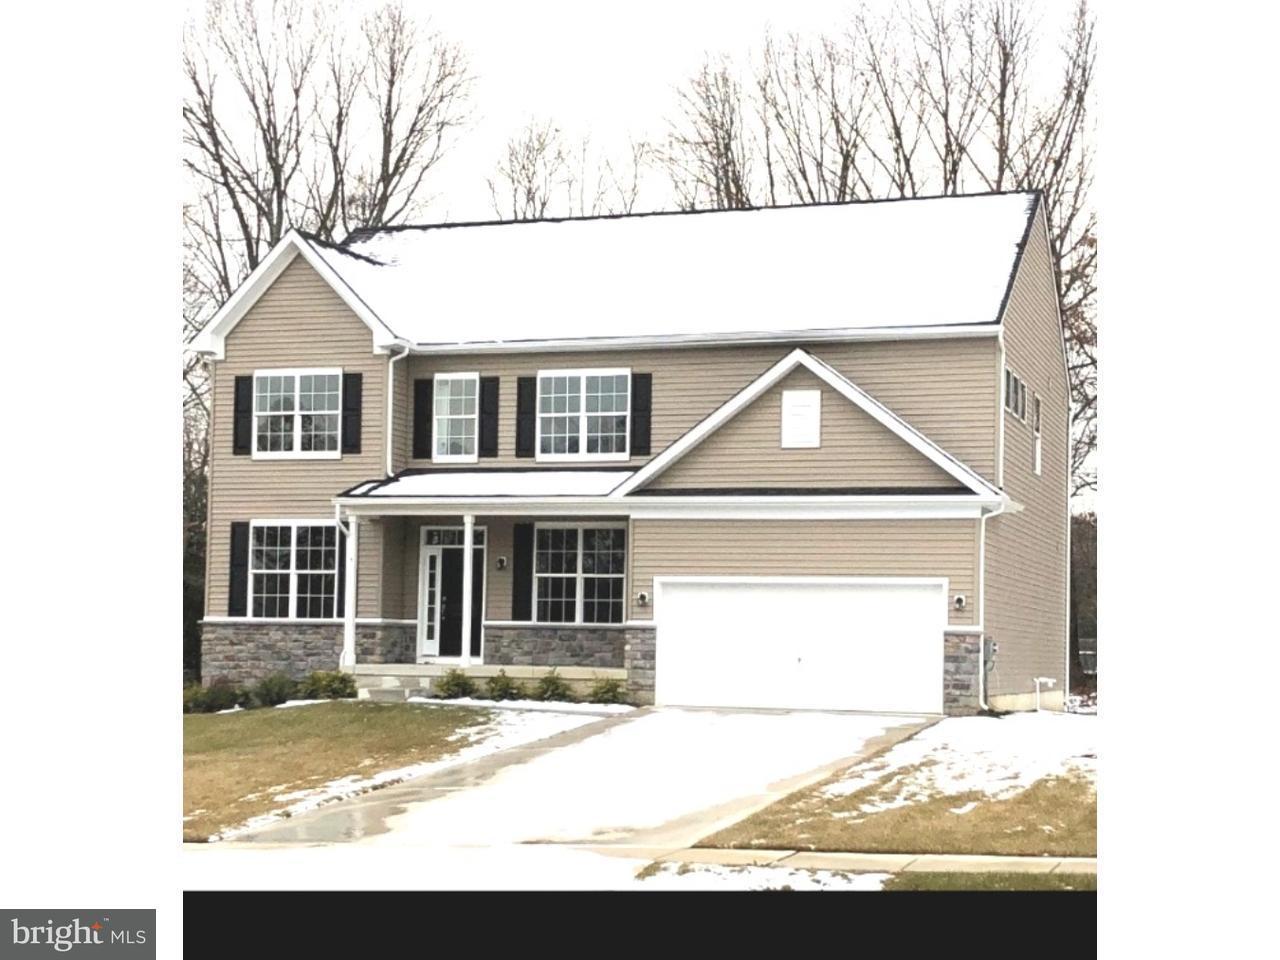 独户住宅 为 销售 在 5 MIMOSA Court Gloucester, 新泽西州 08081 美国